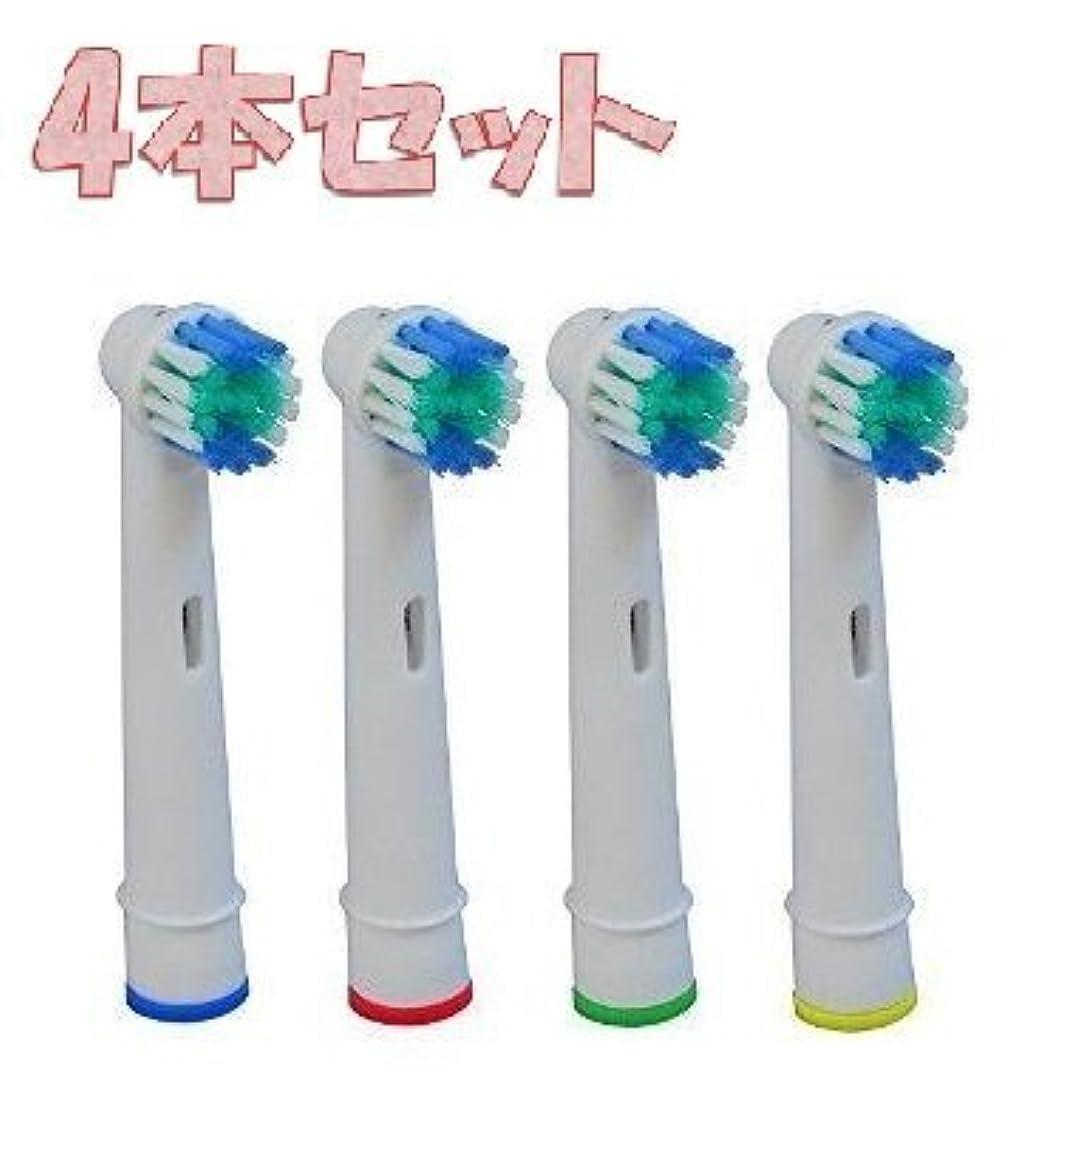 効率的ホーンエスカレートBraun Oral B ブラウン オーラルB 互換 替えブラシ 4本セット EB17 フレキシソフト